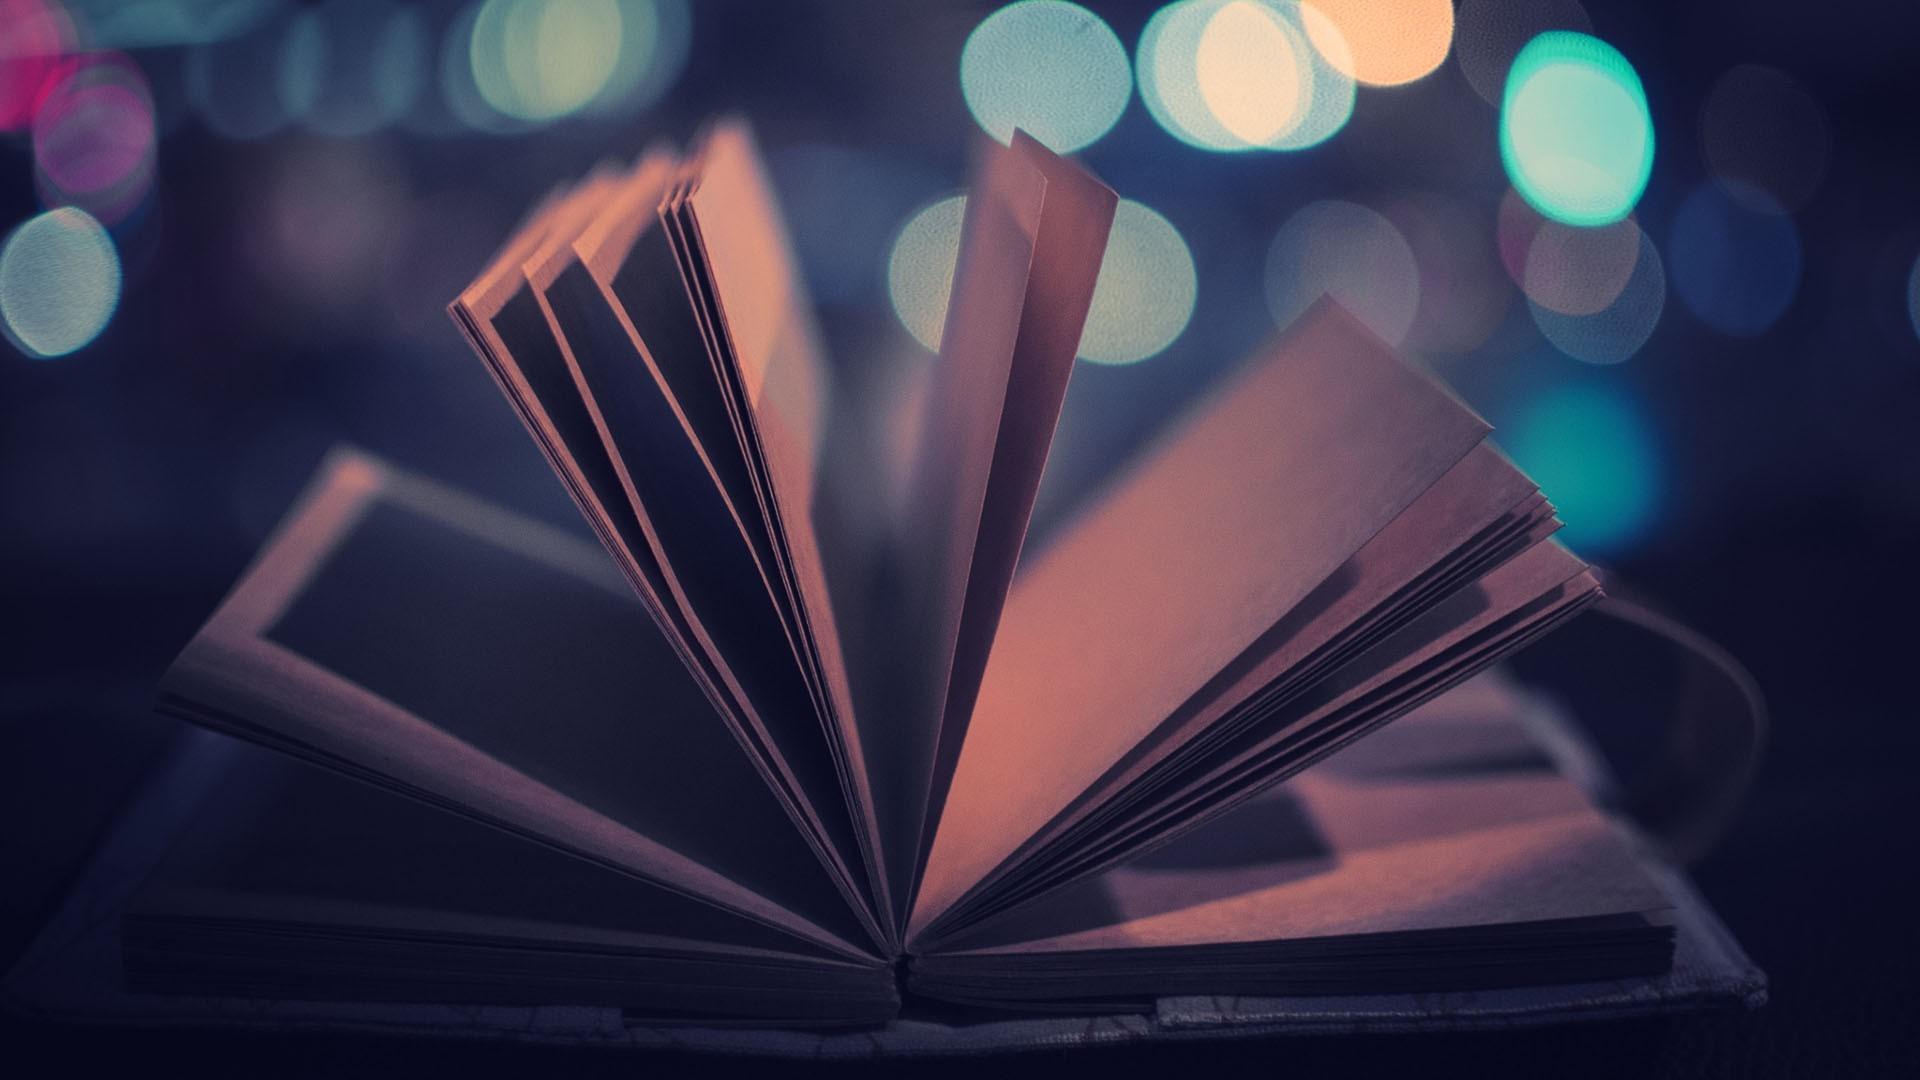 Book Cover Photography Hashtags : Livre full hd fond d écran and arrière plan